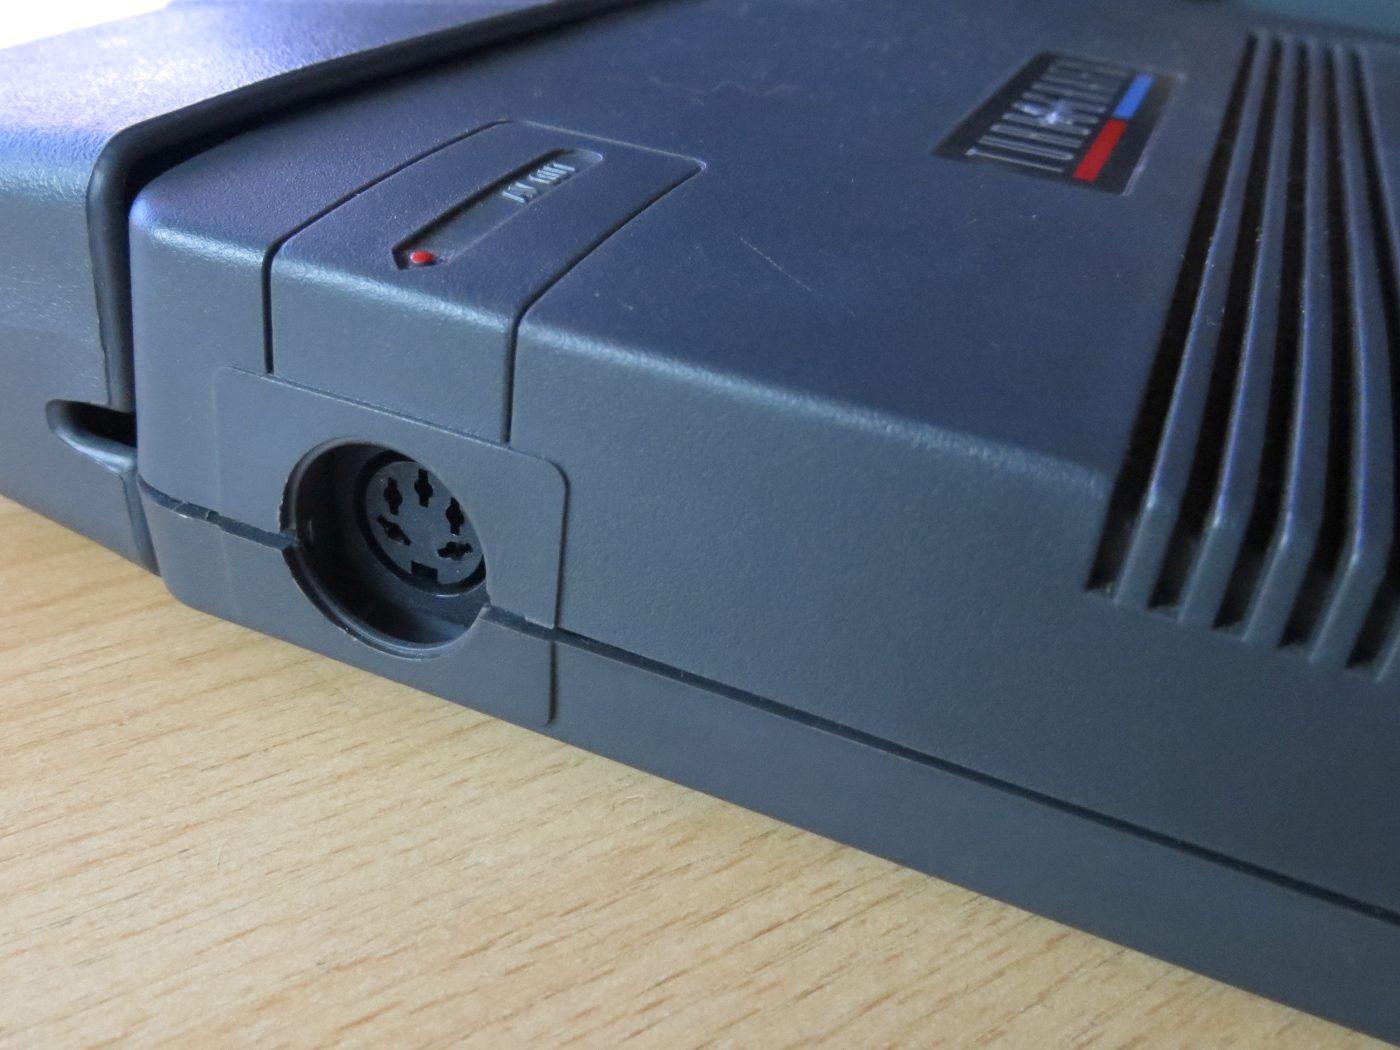 TurboGrafx-16-Anschluss-seitlich